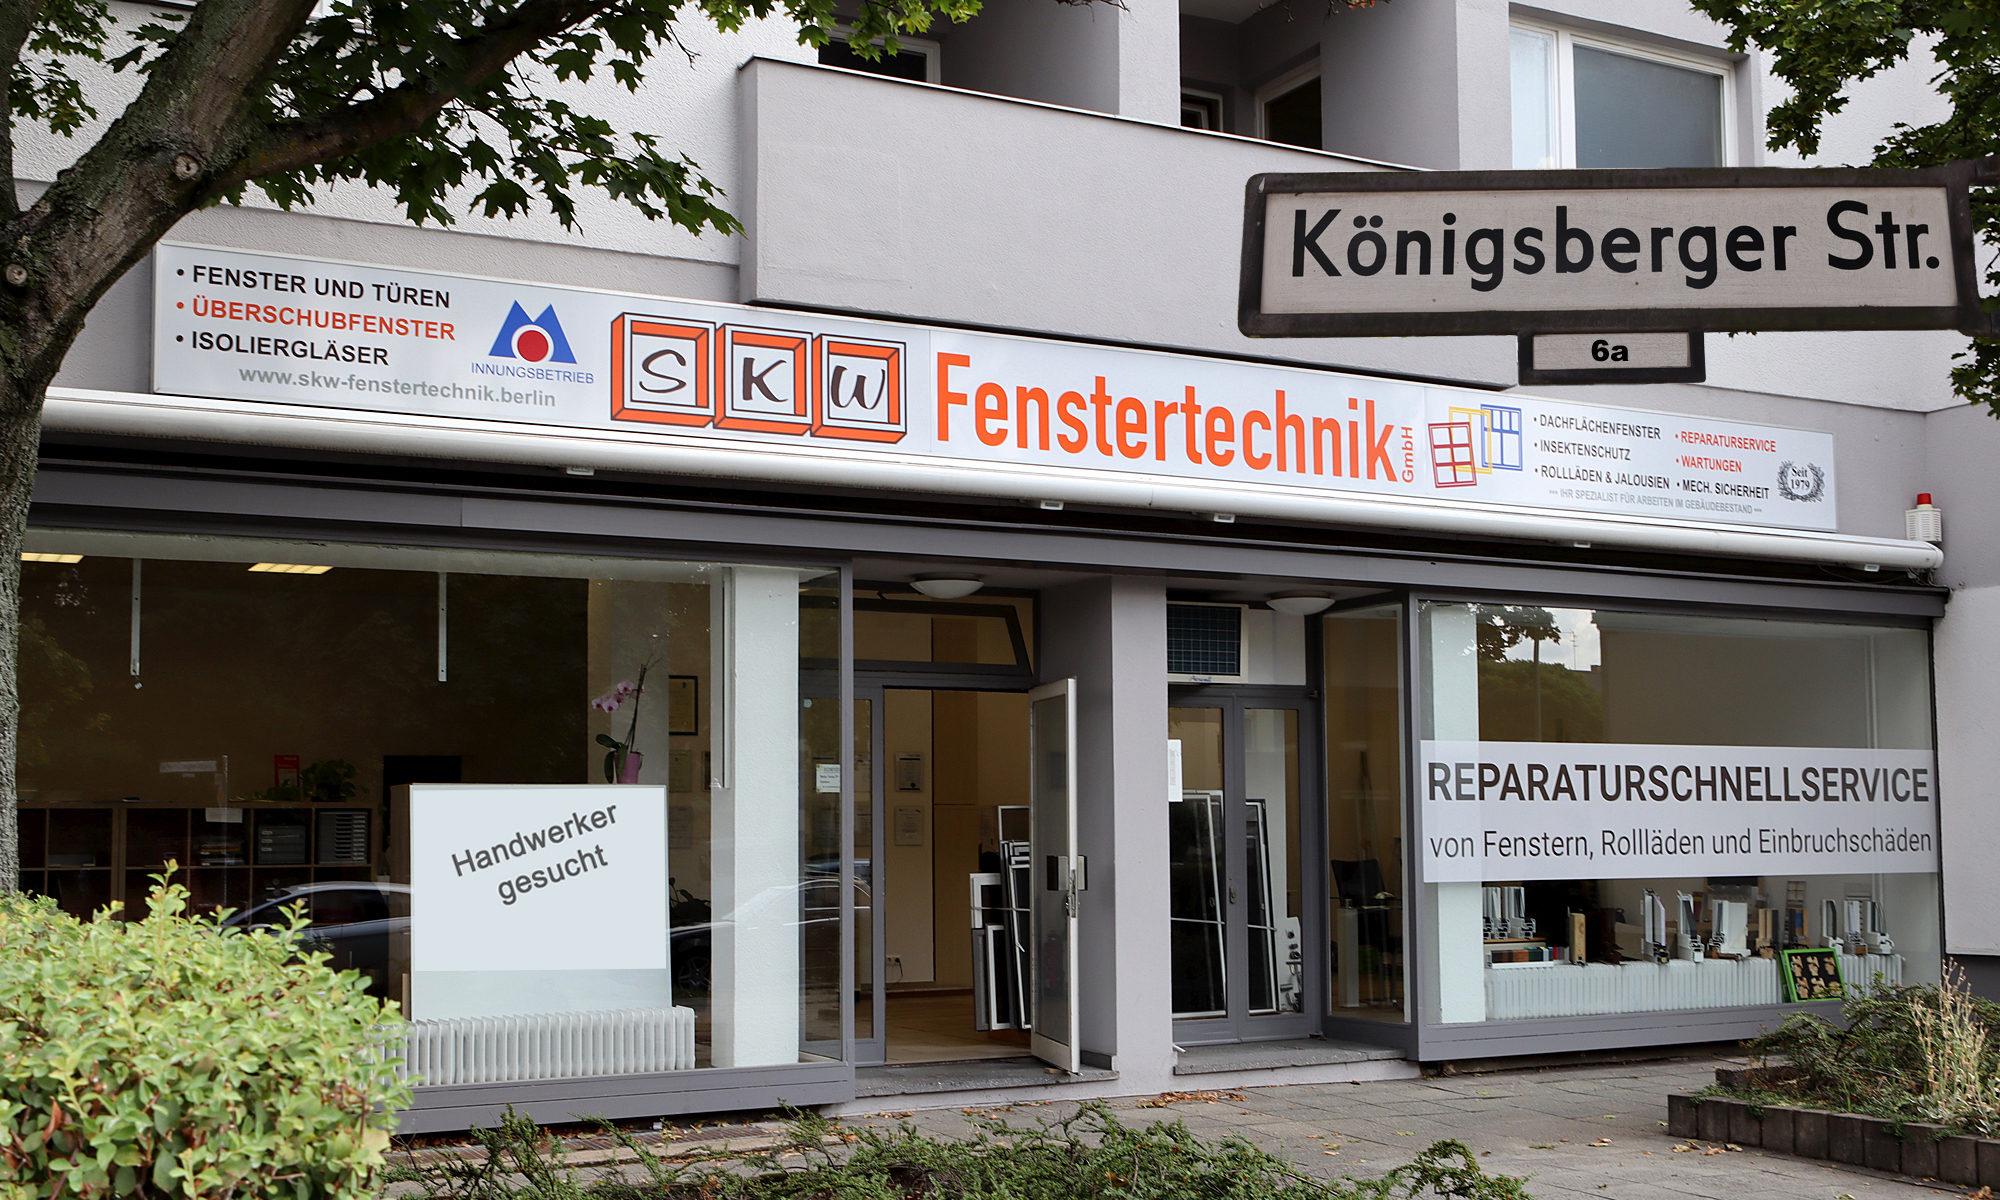 SKW Fensterreparatur Berlin